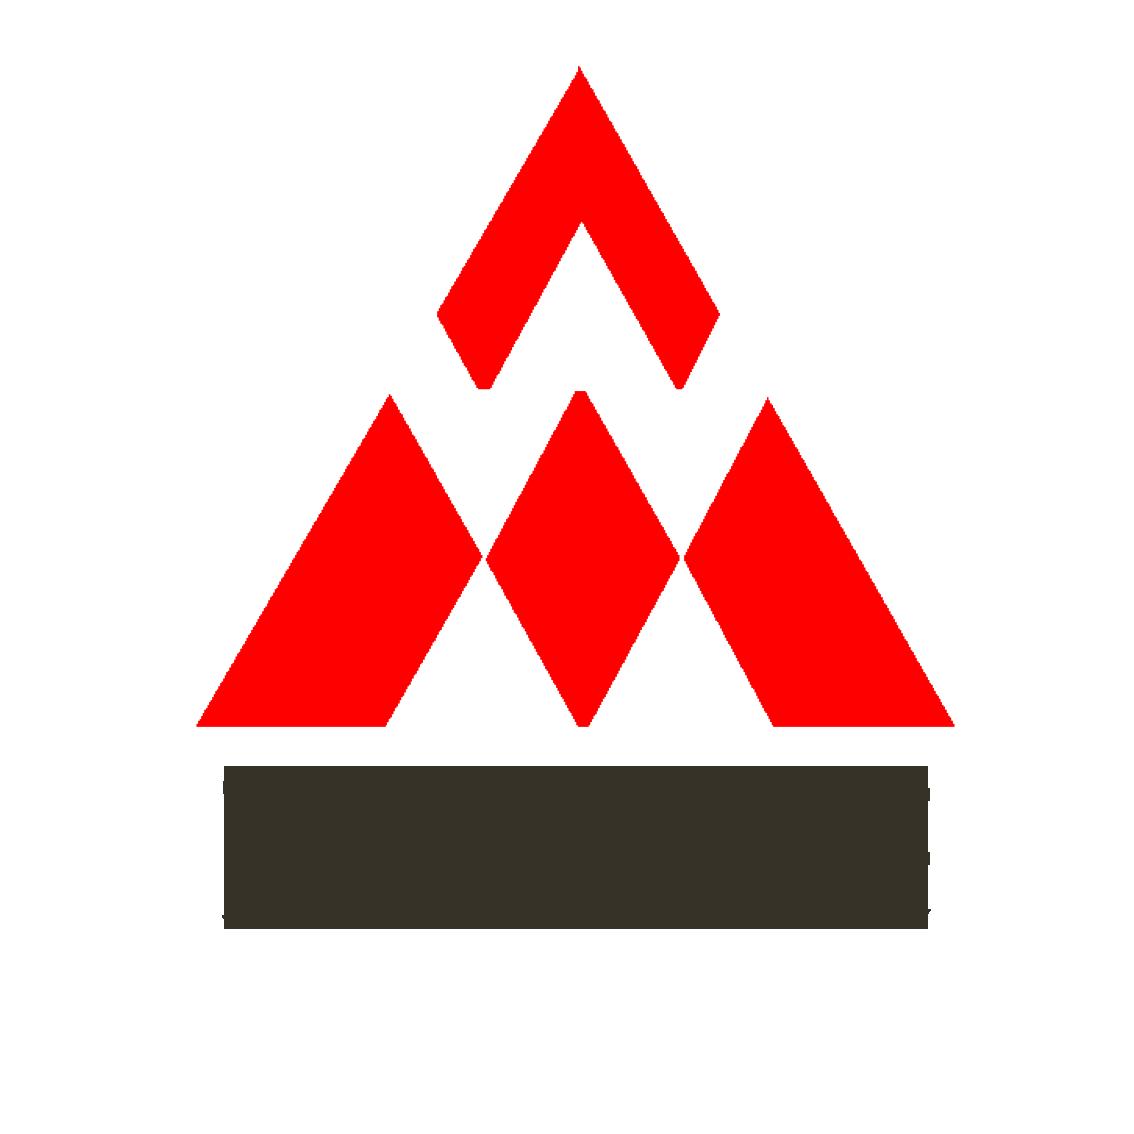 福建省湖人火箭比赛直播纬来体育万马nba直播纬来体育直播有限公司